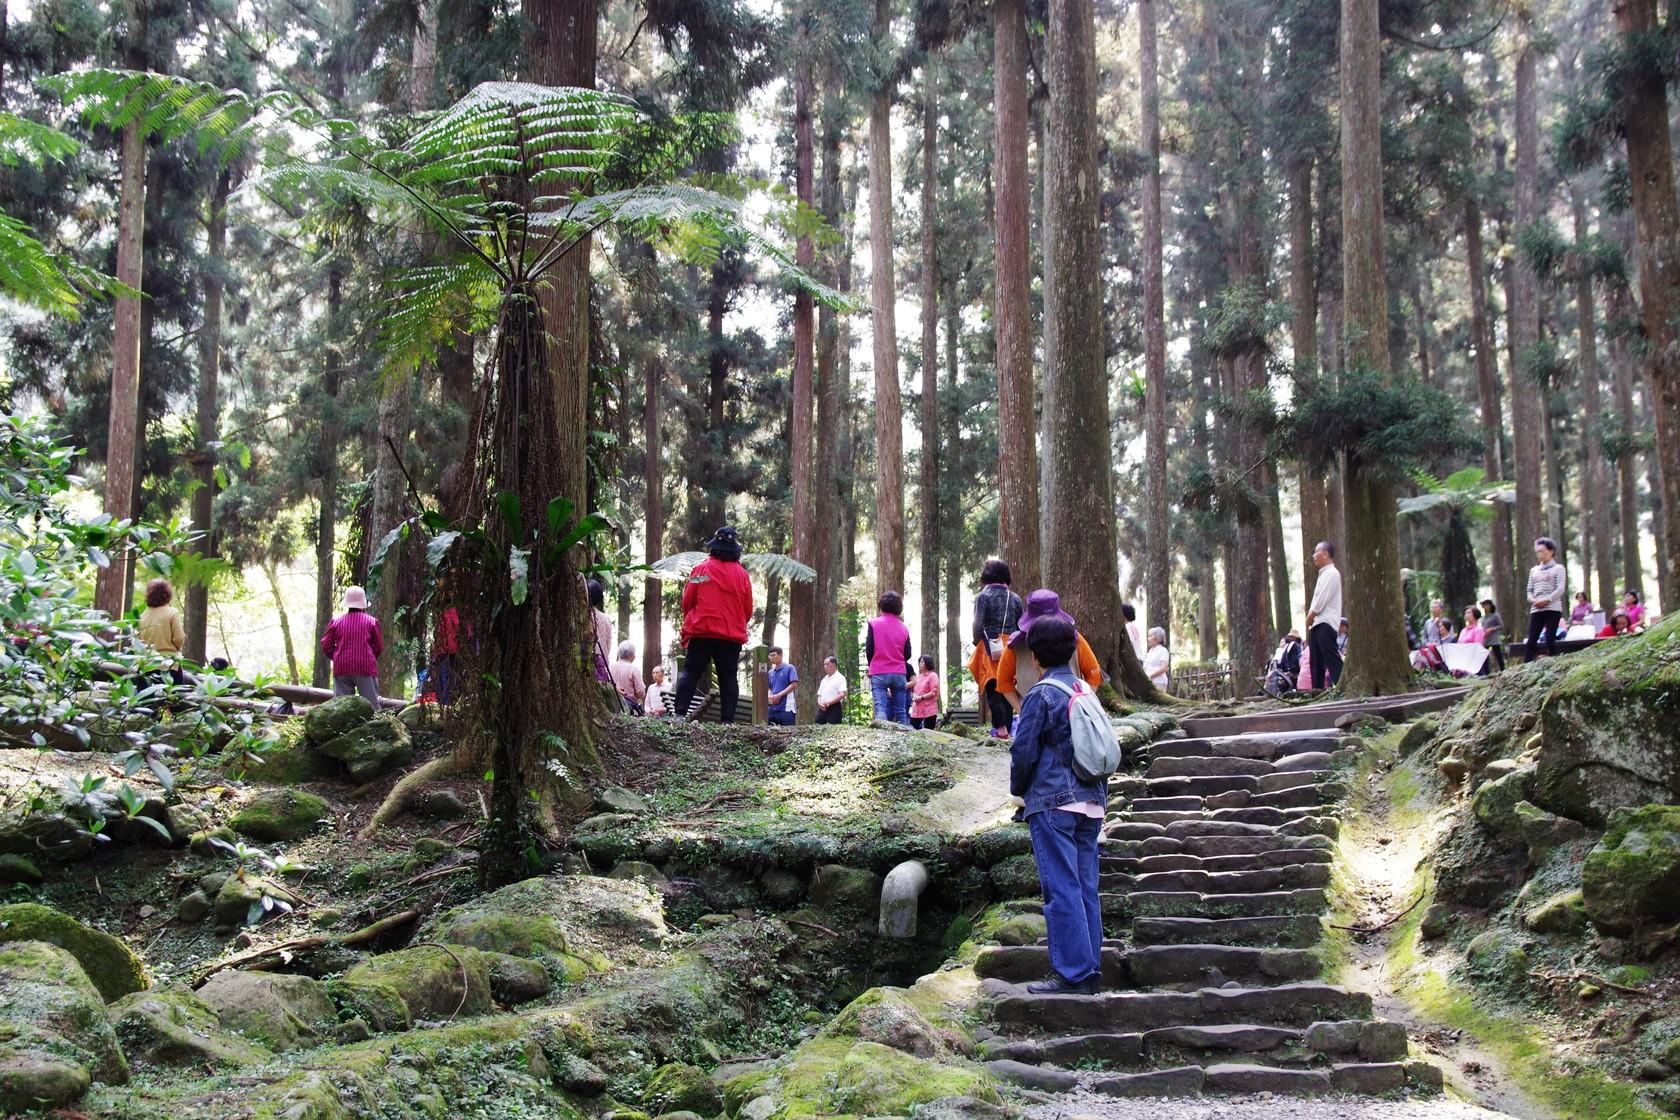 跟著音樂做森林體操的人們